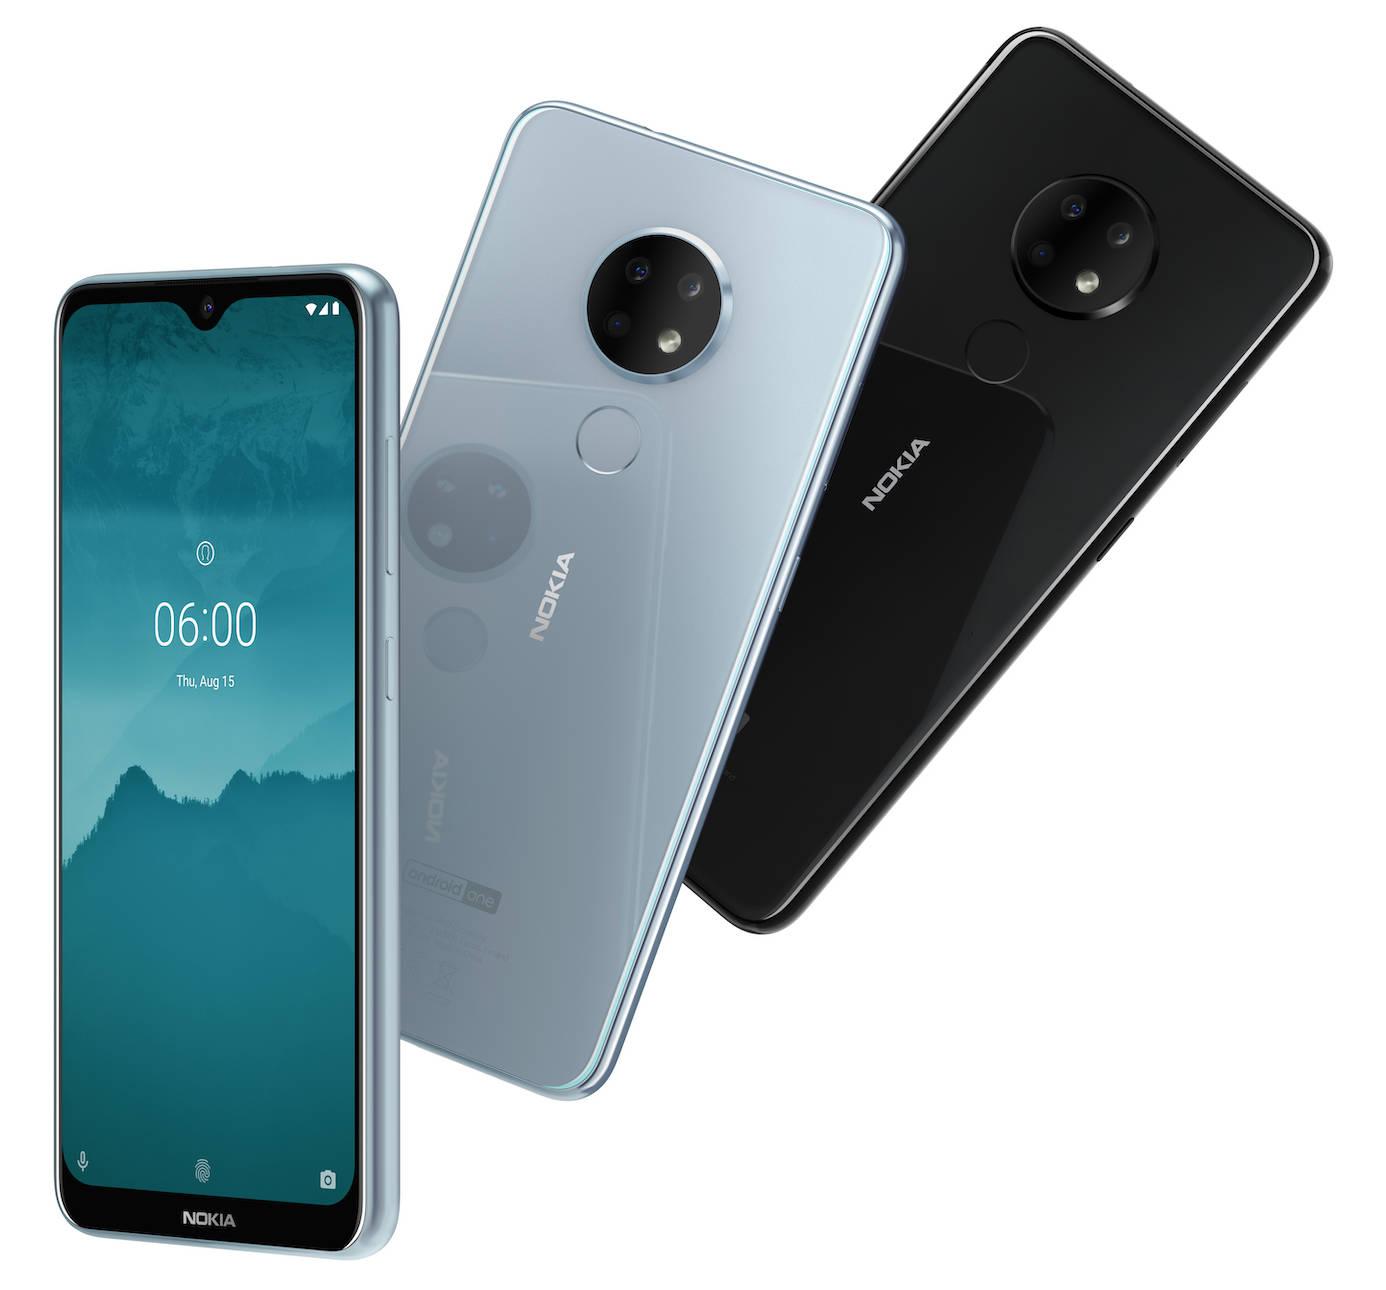 Nokia 6.2 cena w Polsce premiera opinie specyfikacja techniczna gdzie kupić najtaniej